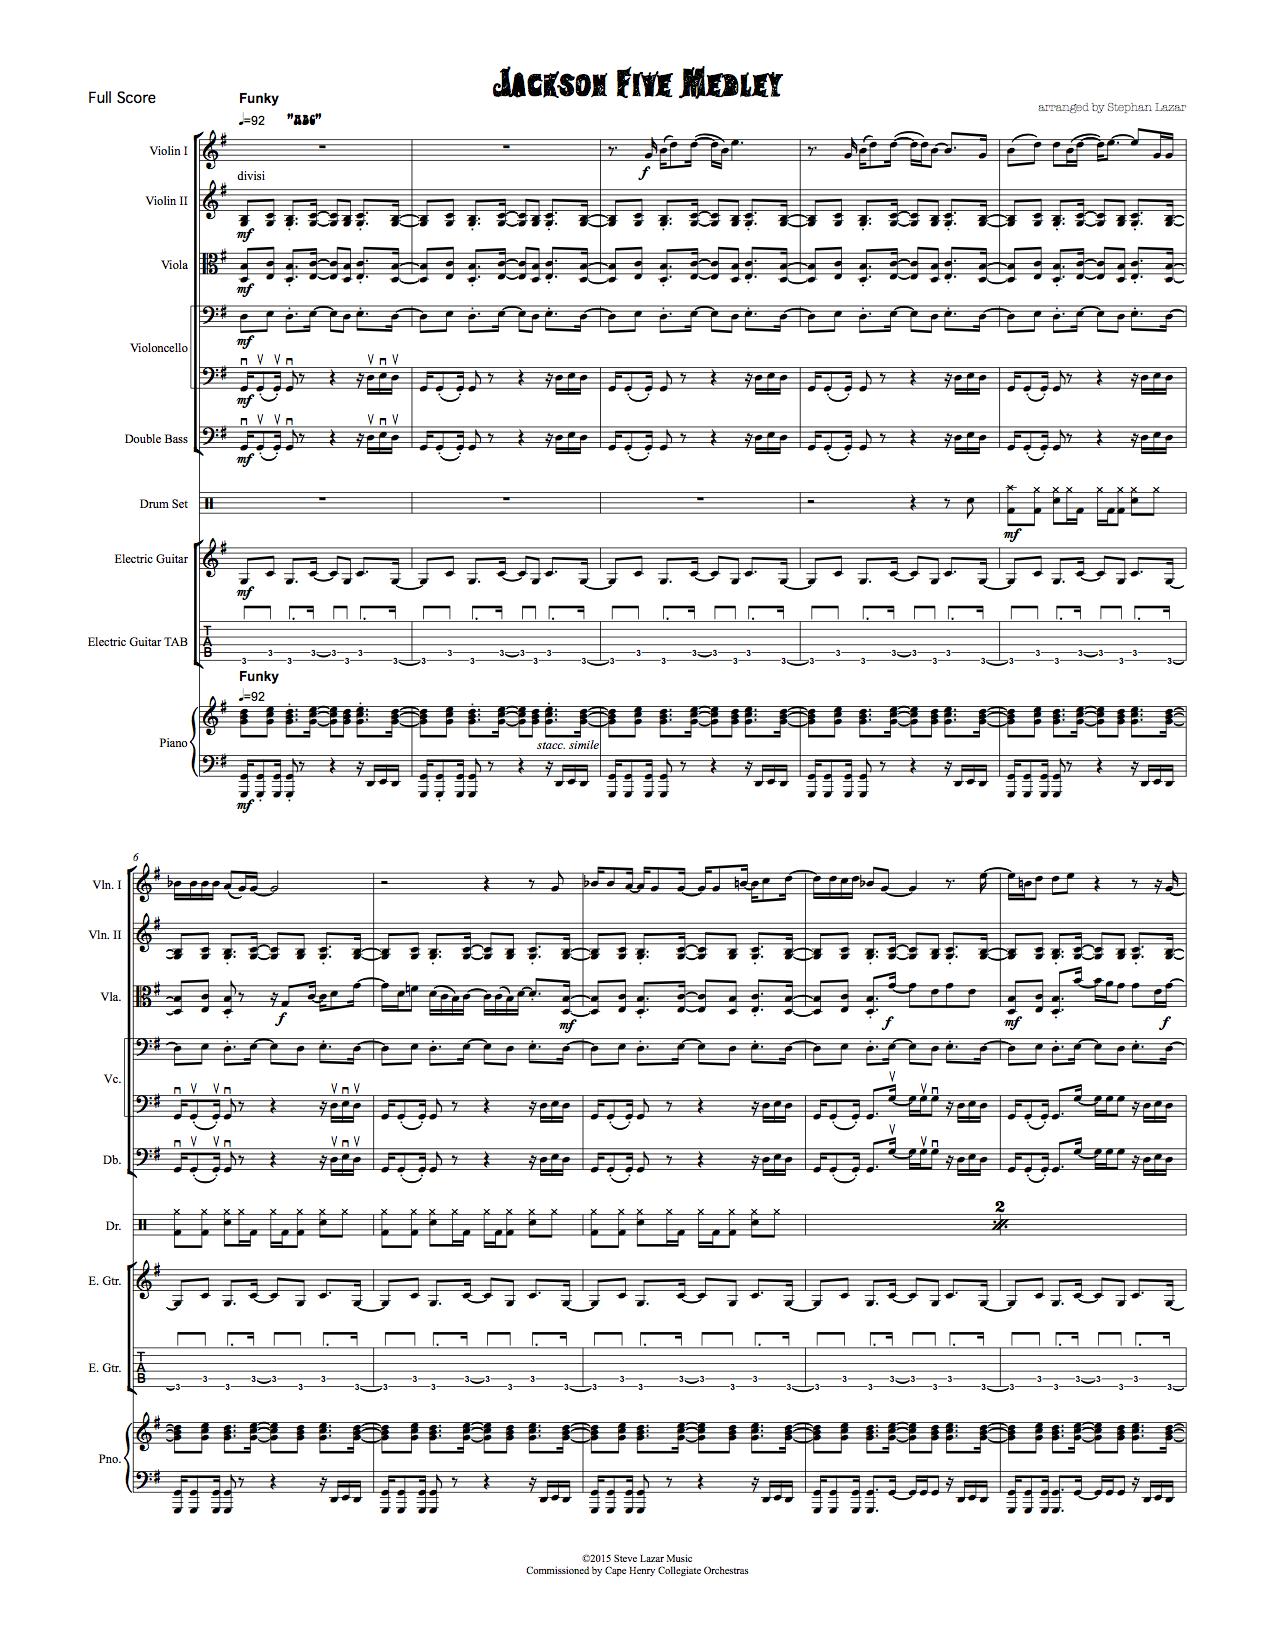 Jackson 5 Medley Score for website 1.jpg